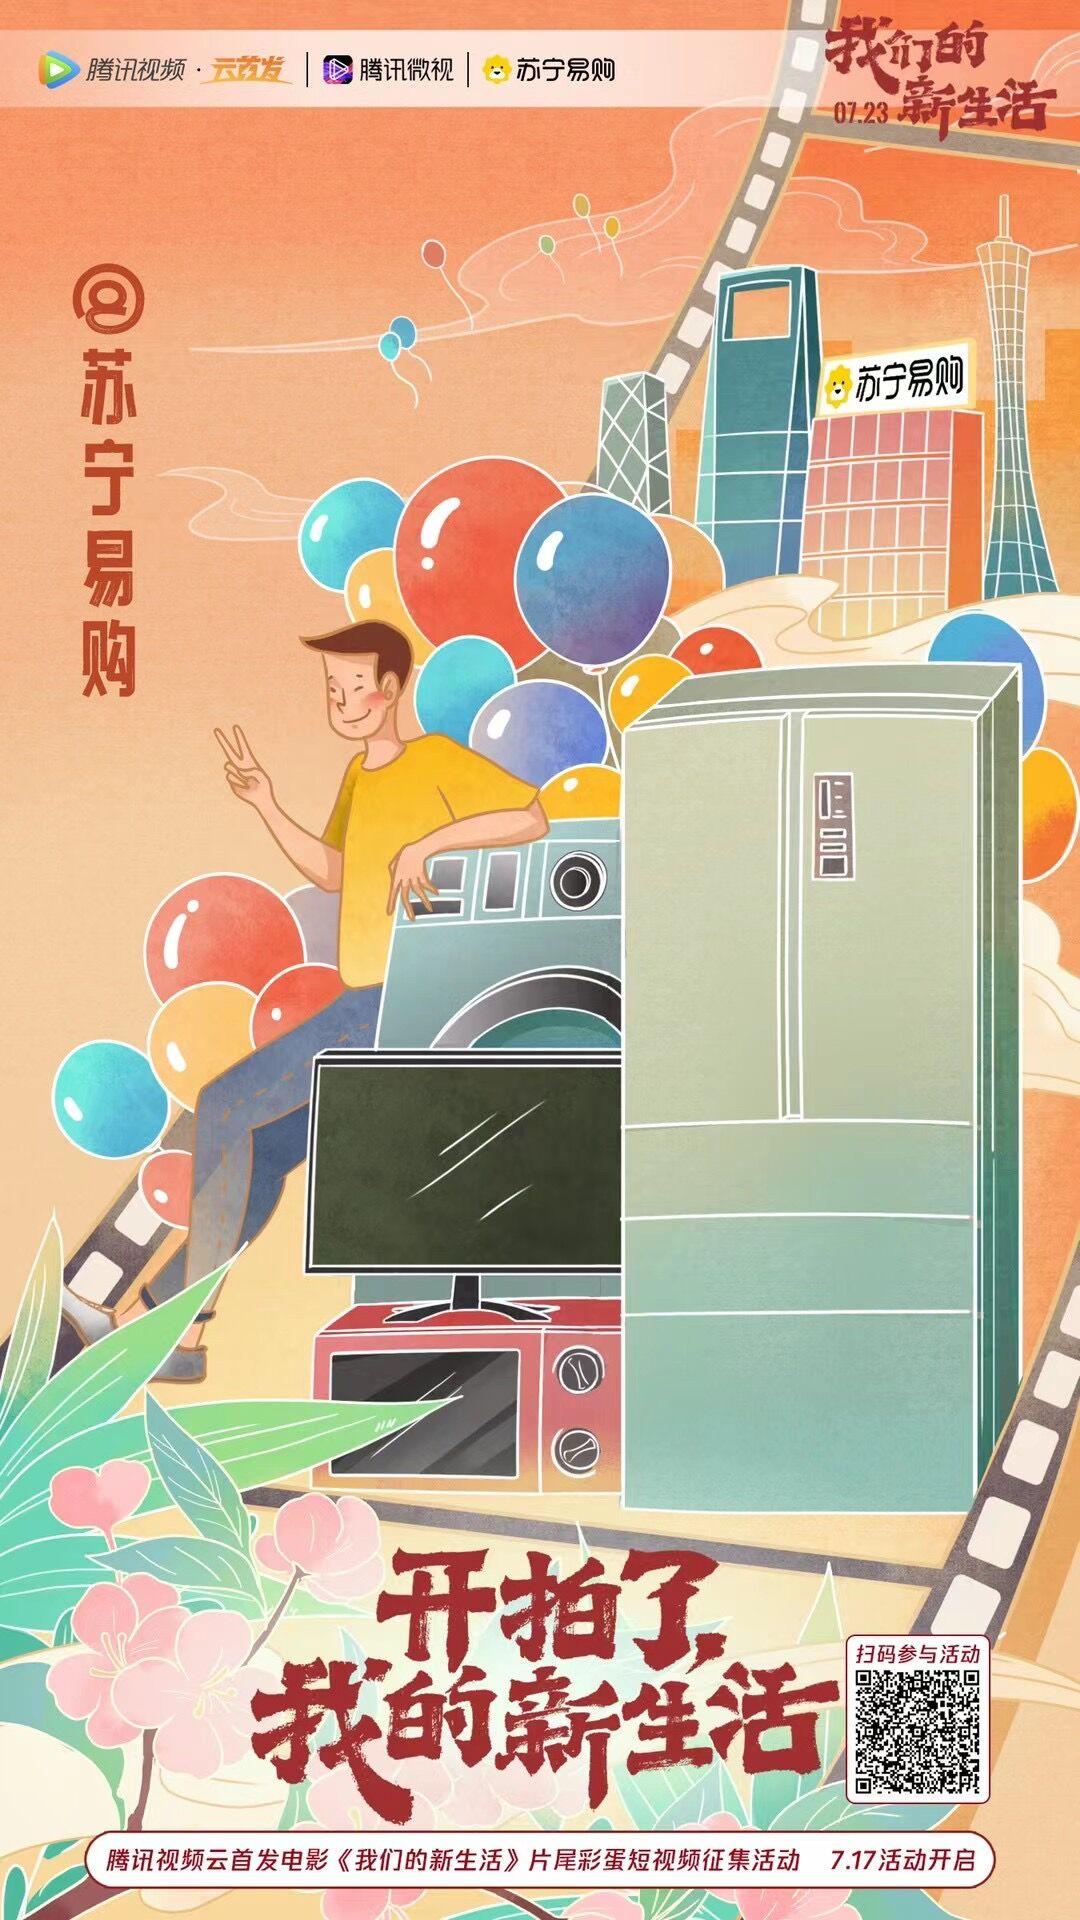 苏宁易购商业插画(已商用)